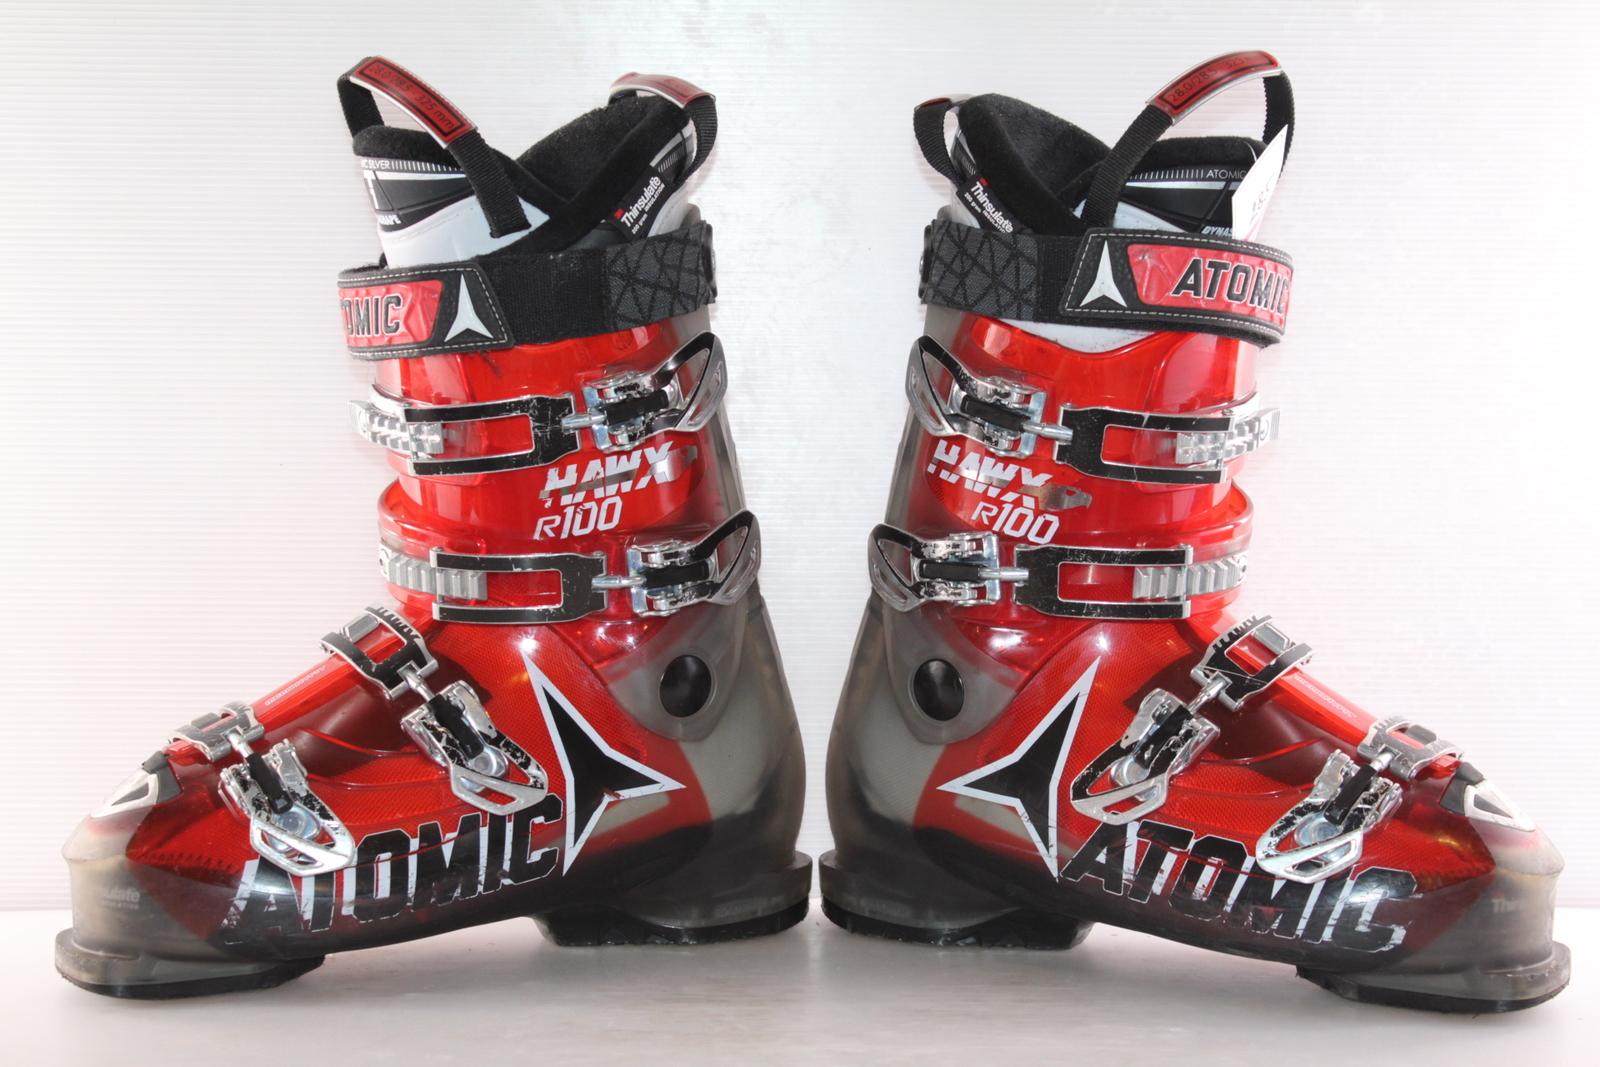 Lyžařské boty Atomic Hawx R 100 vel. EU43.5